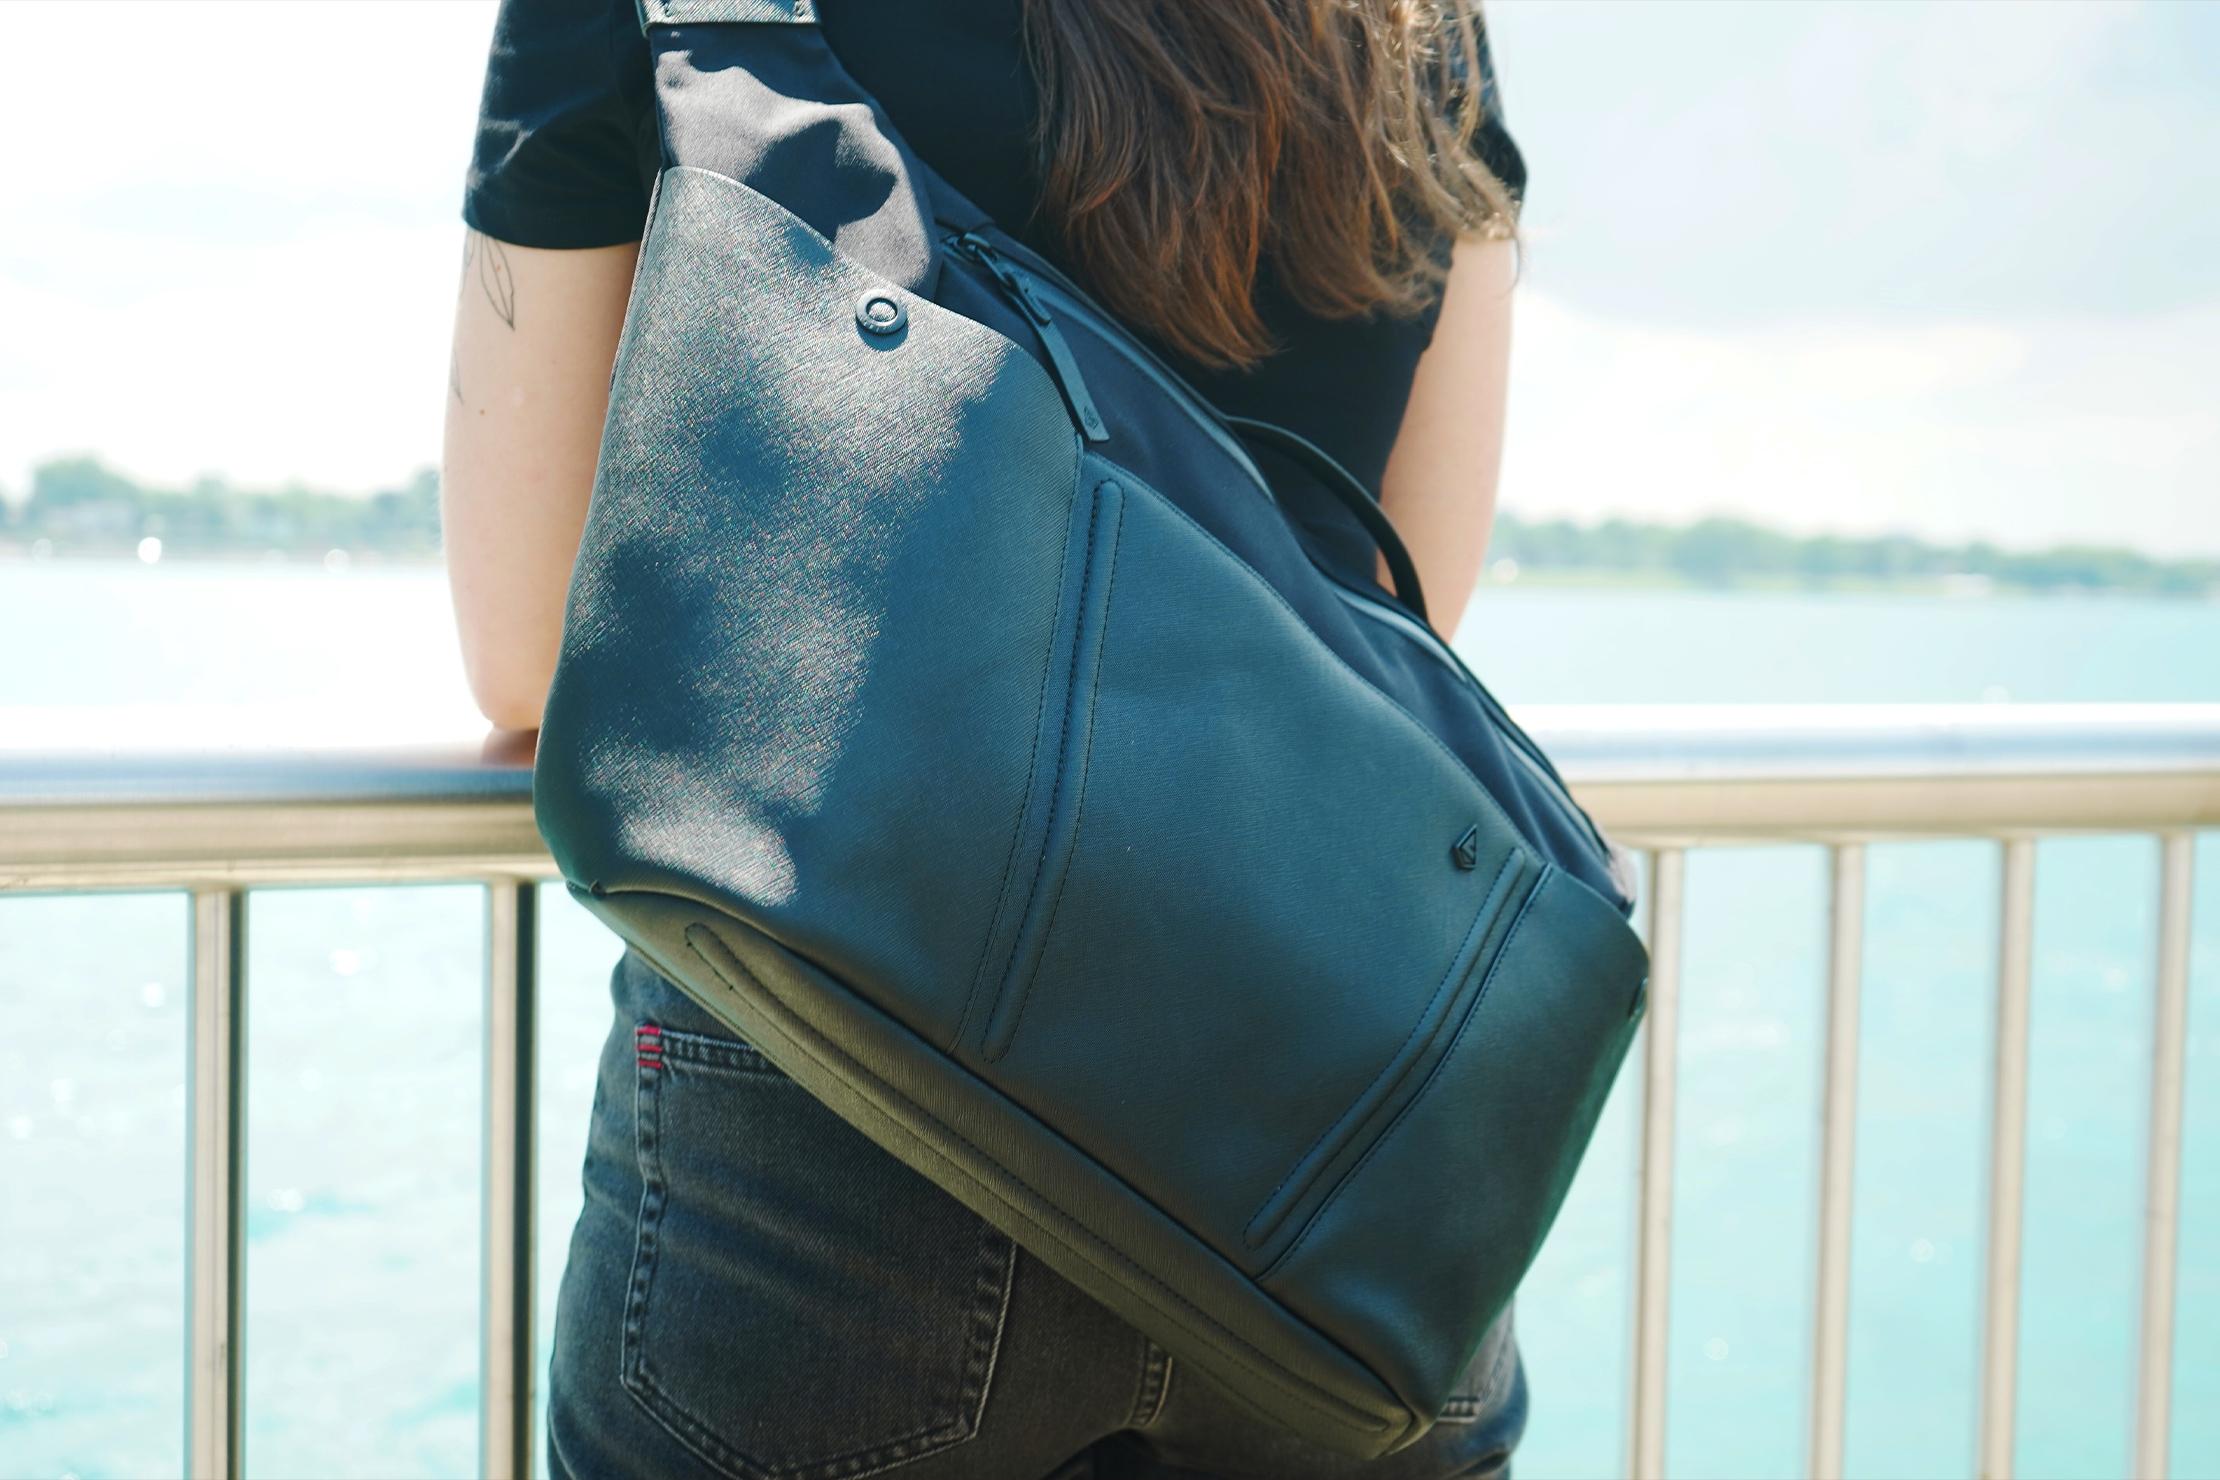 Agency Aspect Hybrid Messenger Bag Rail